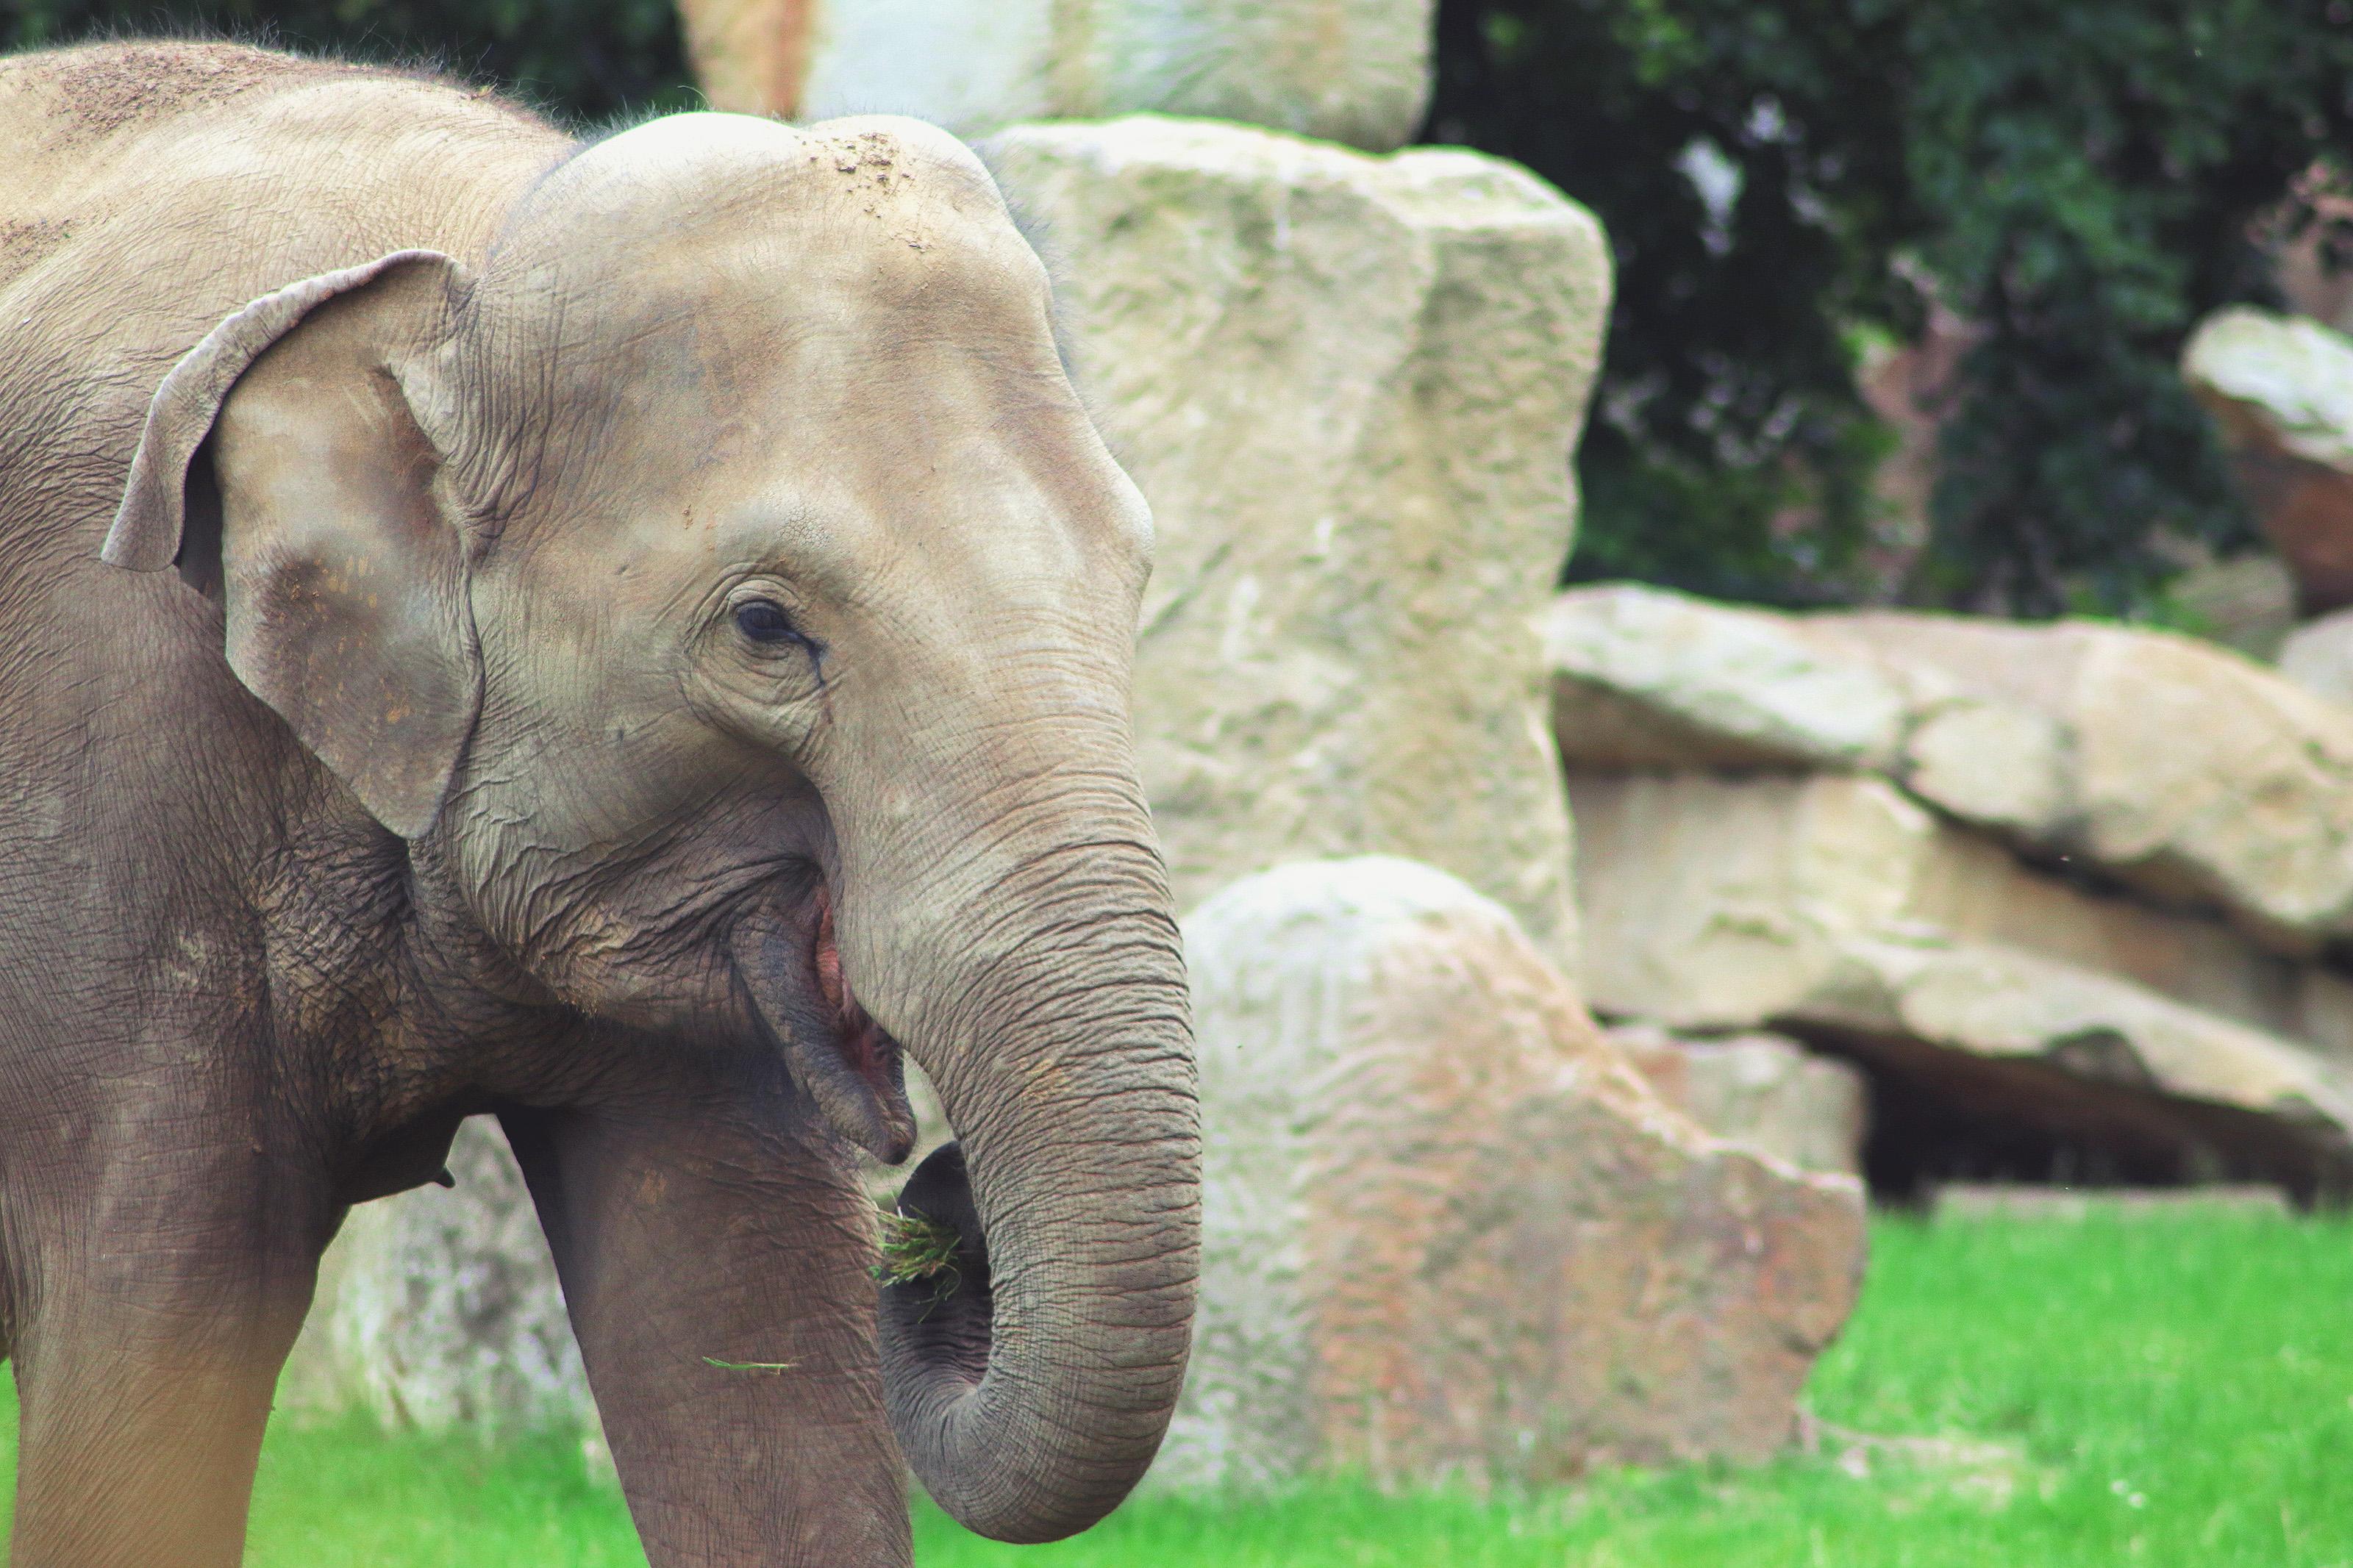 Animals & Zoos